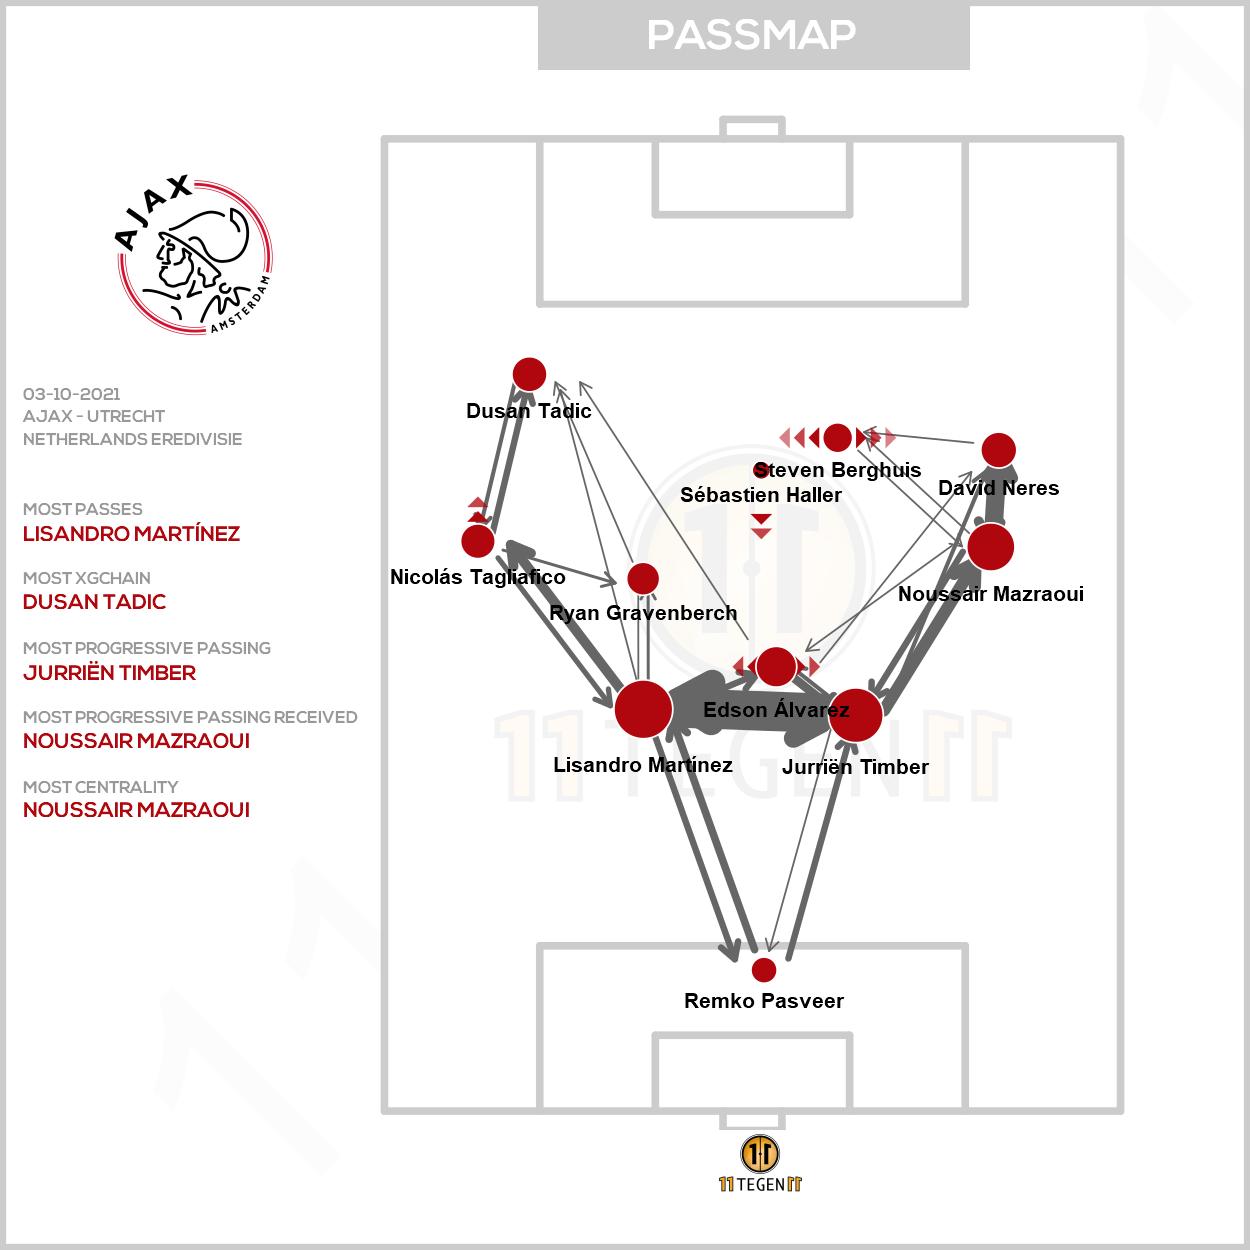 2021 10 03 Passmap Ajax Ajax 0 1 Utrecht